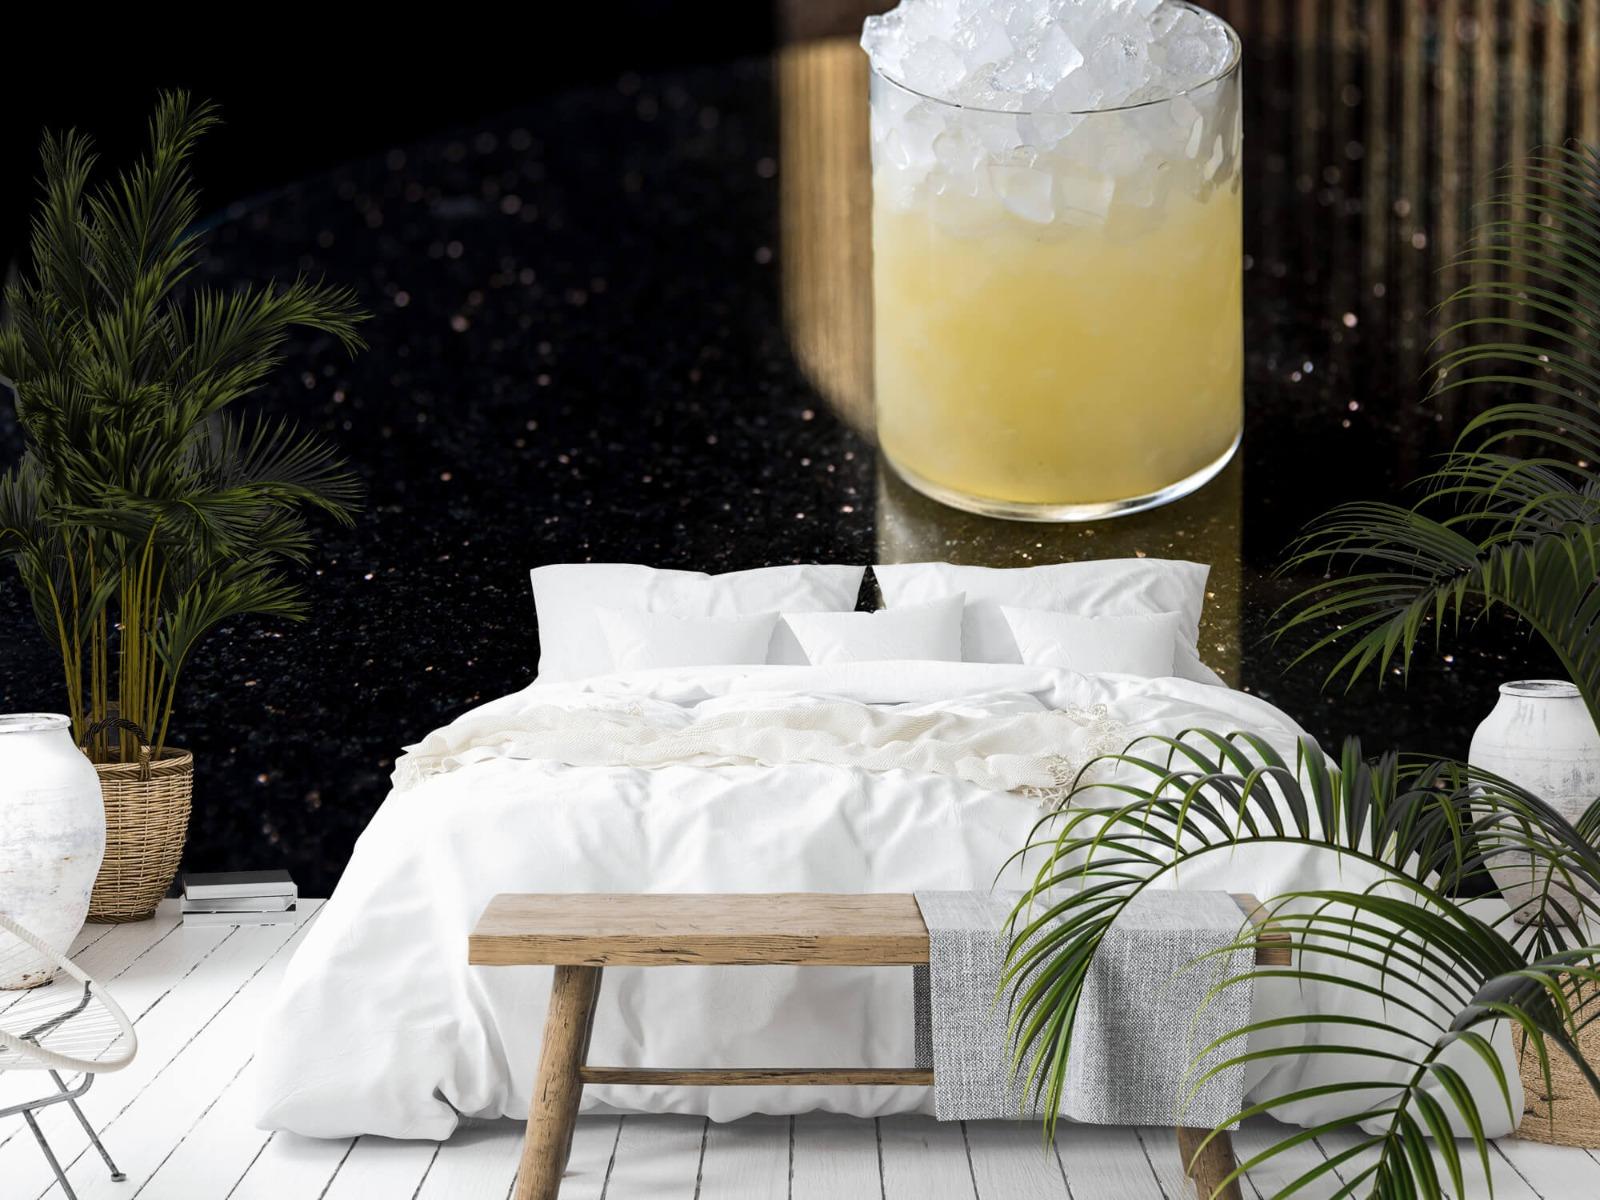 Overige - Luxe drankje - Keuken 13